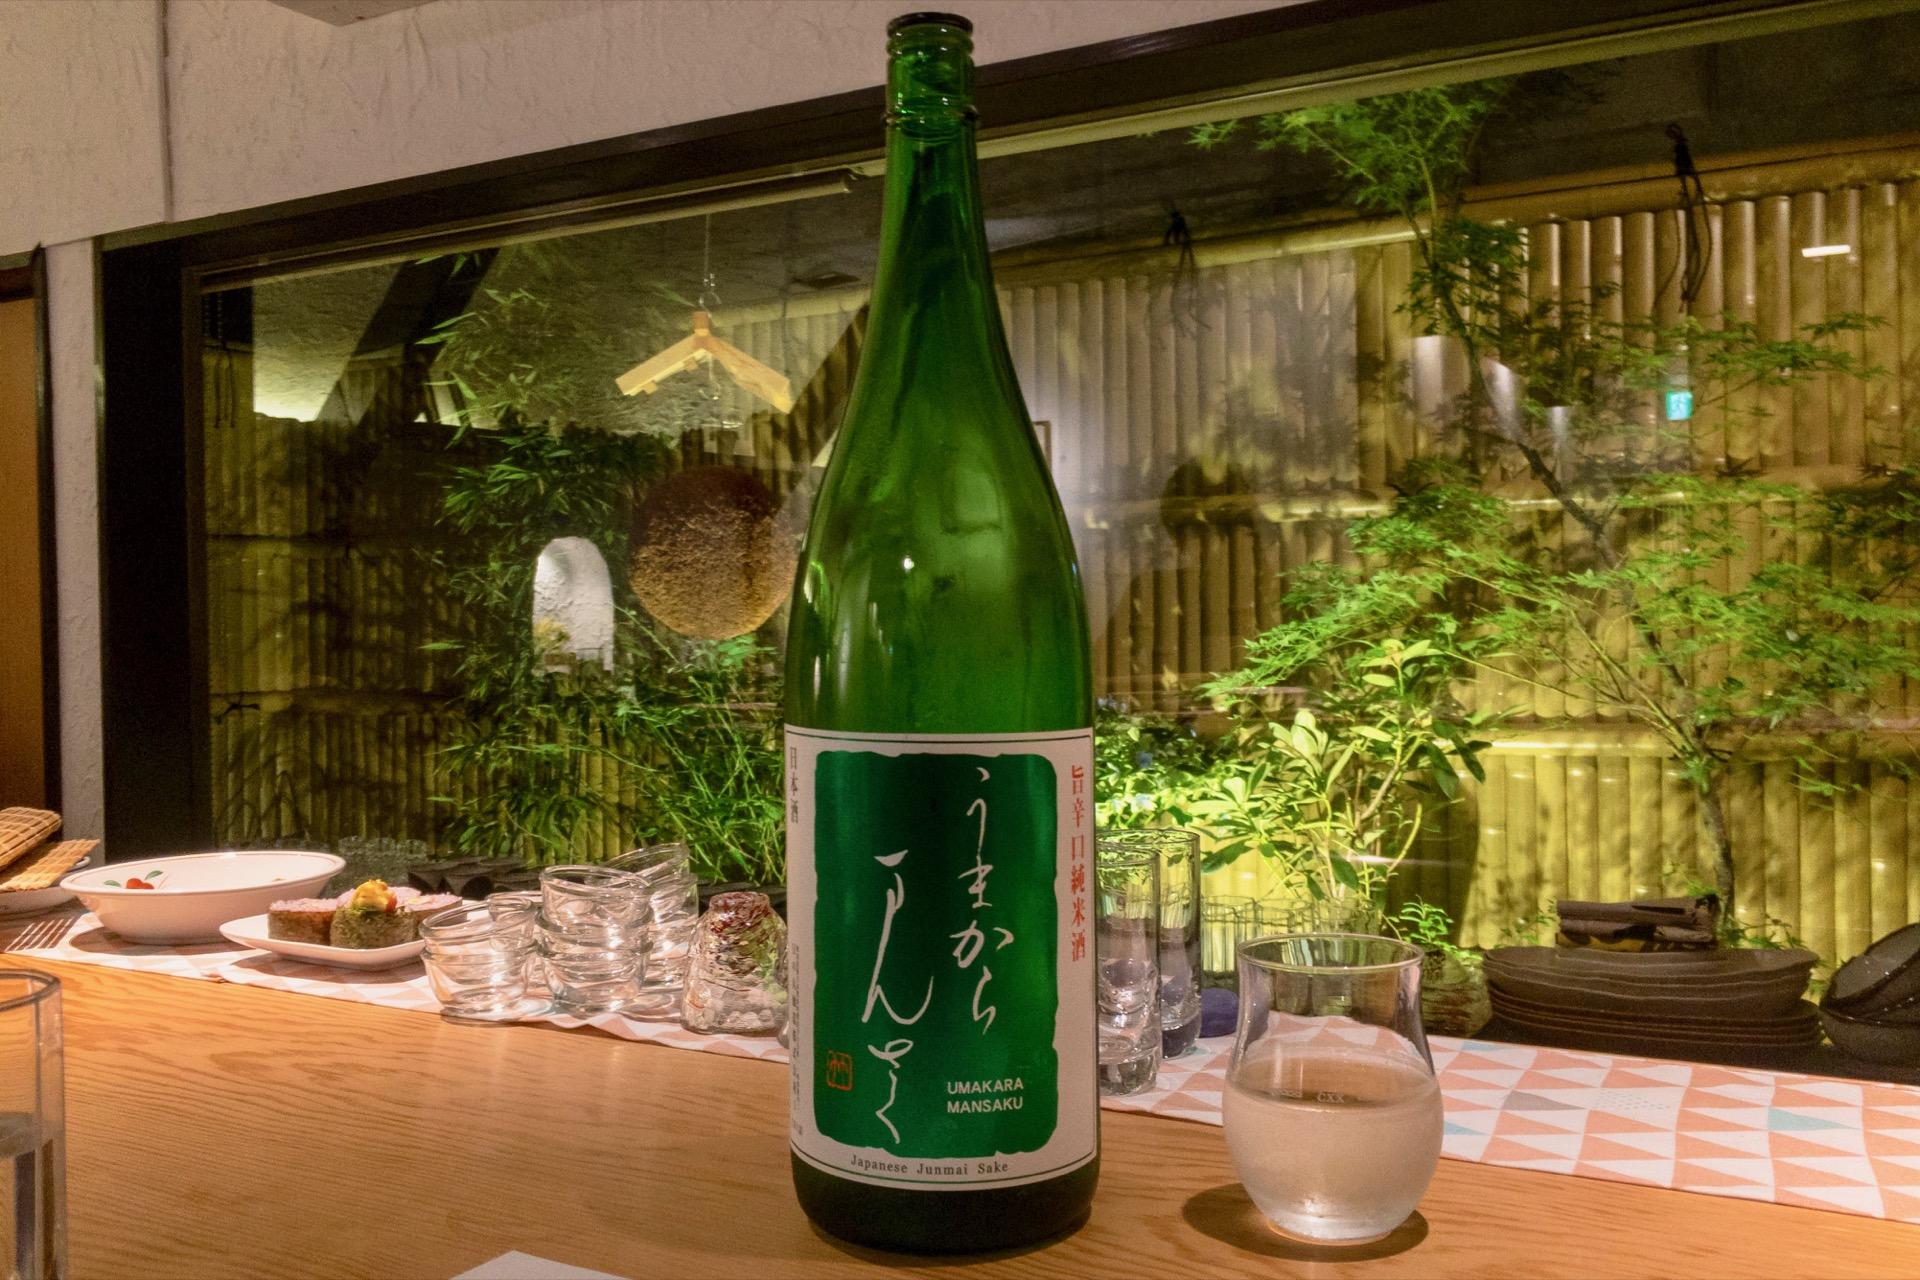 まんさくの花 旨辛口純米酒 うまからまんさく|日本酒テイスティングノート